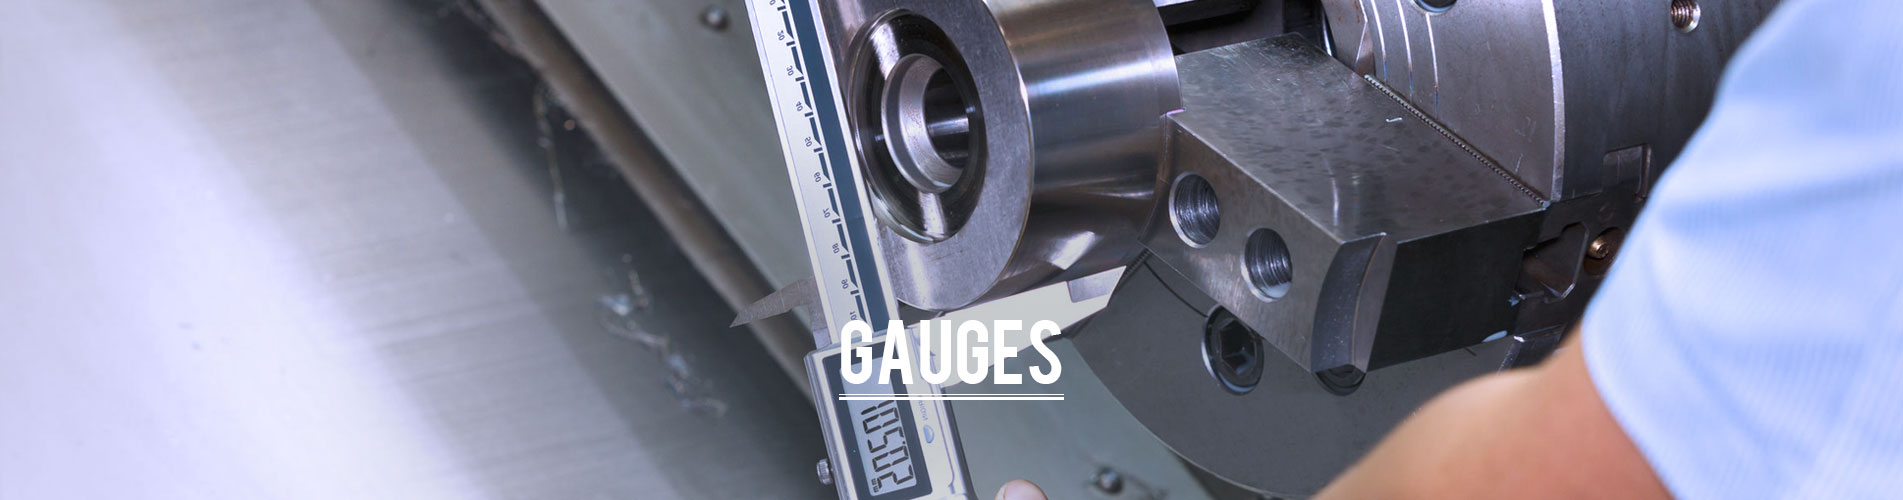 gauges banner